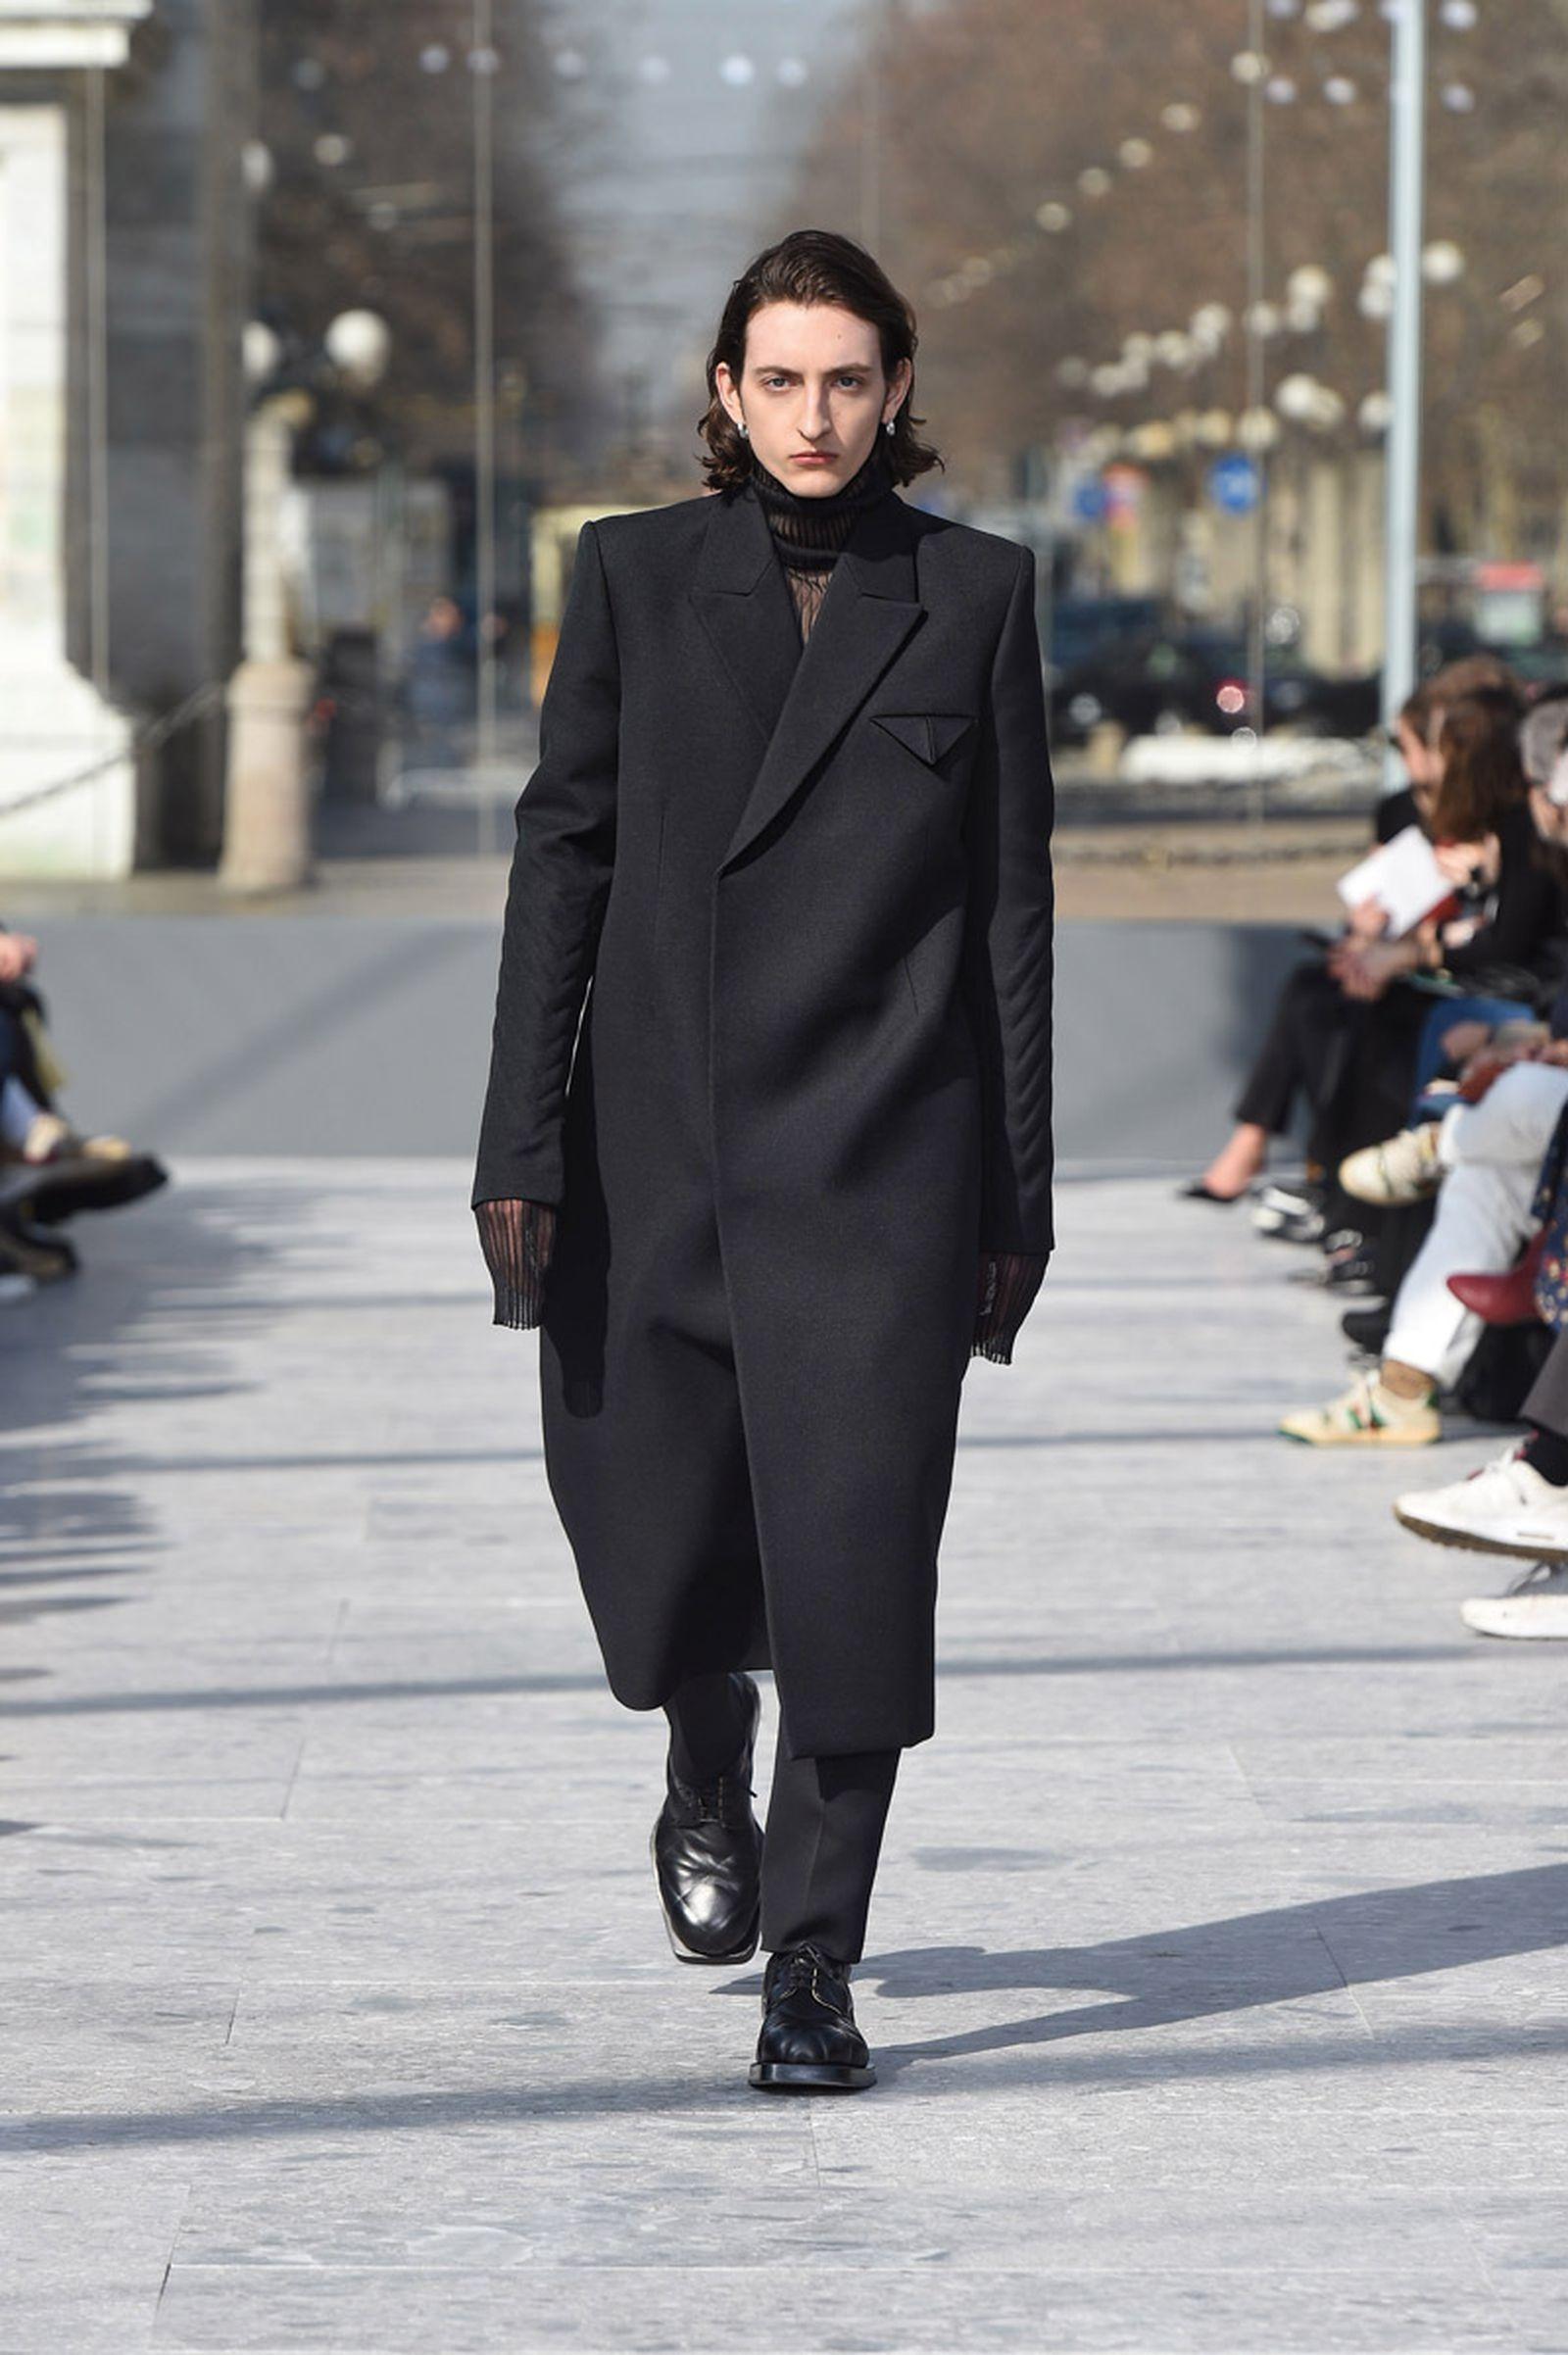 bottega-veneta-is-bringing-timeless-luxury-back-to-fashion-03